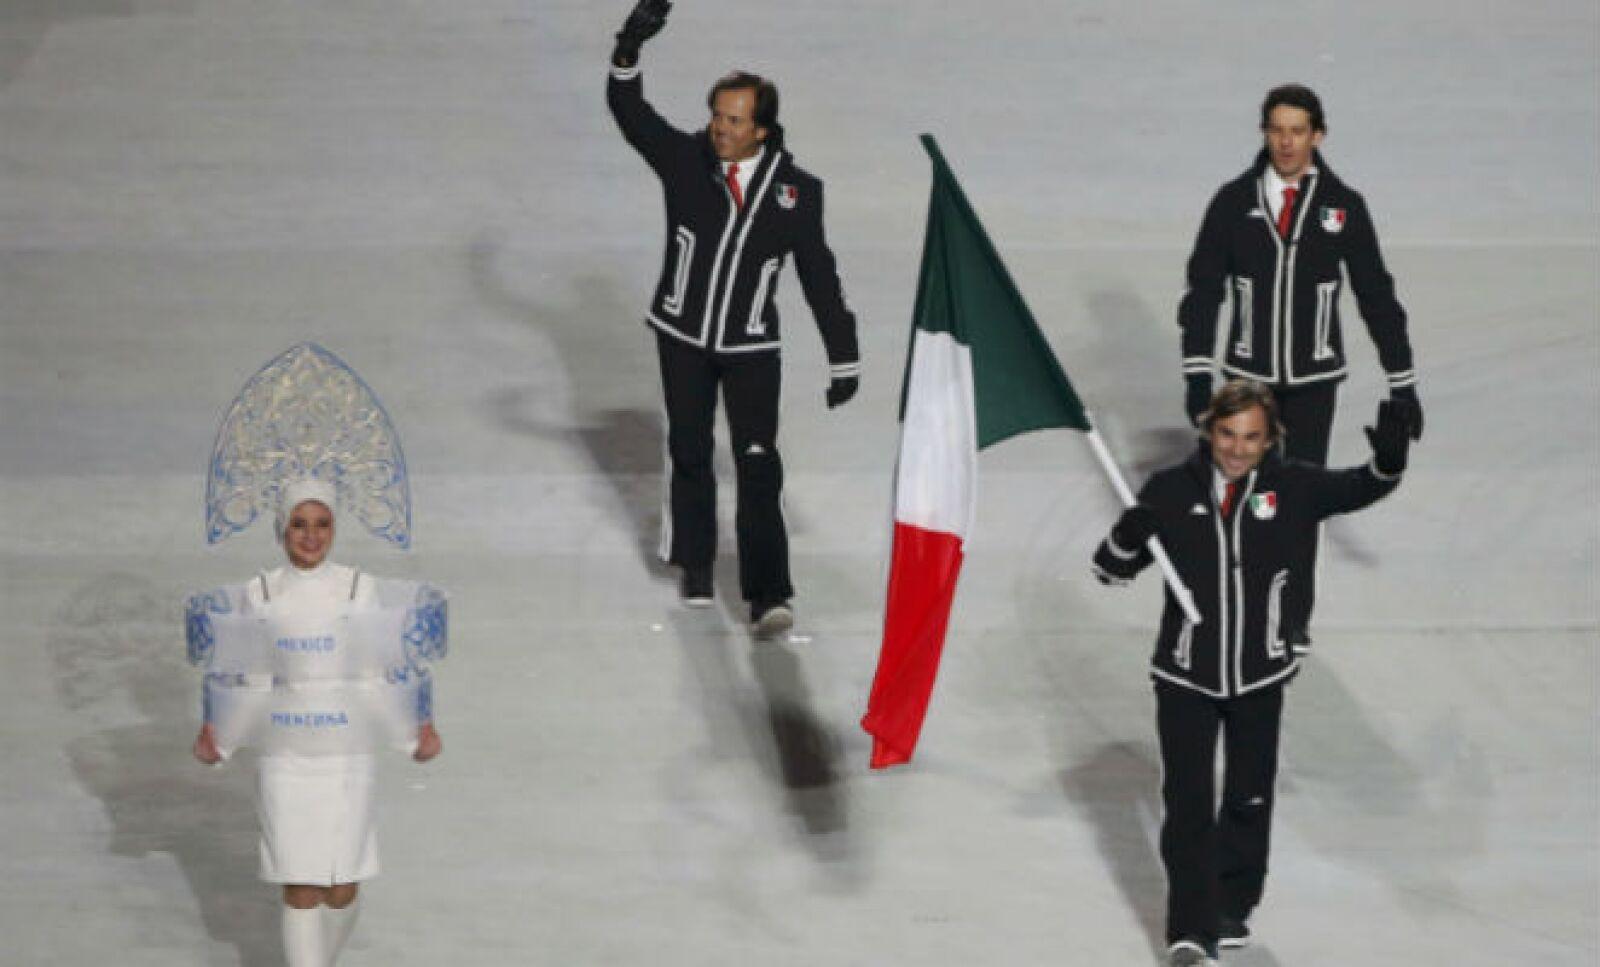 Hubertus von Hohenlohe es el único atleta que representa al país en Sochi.